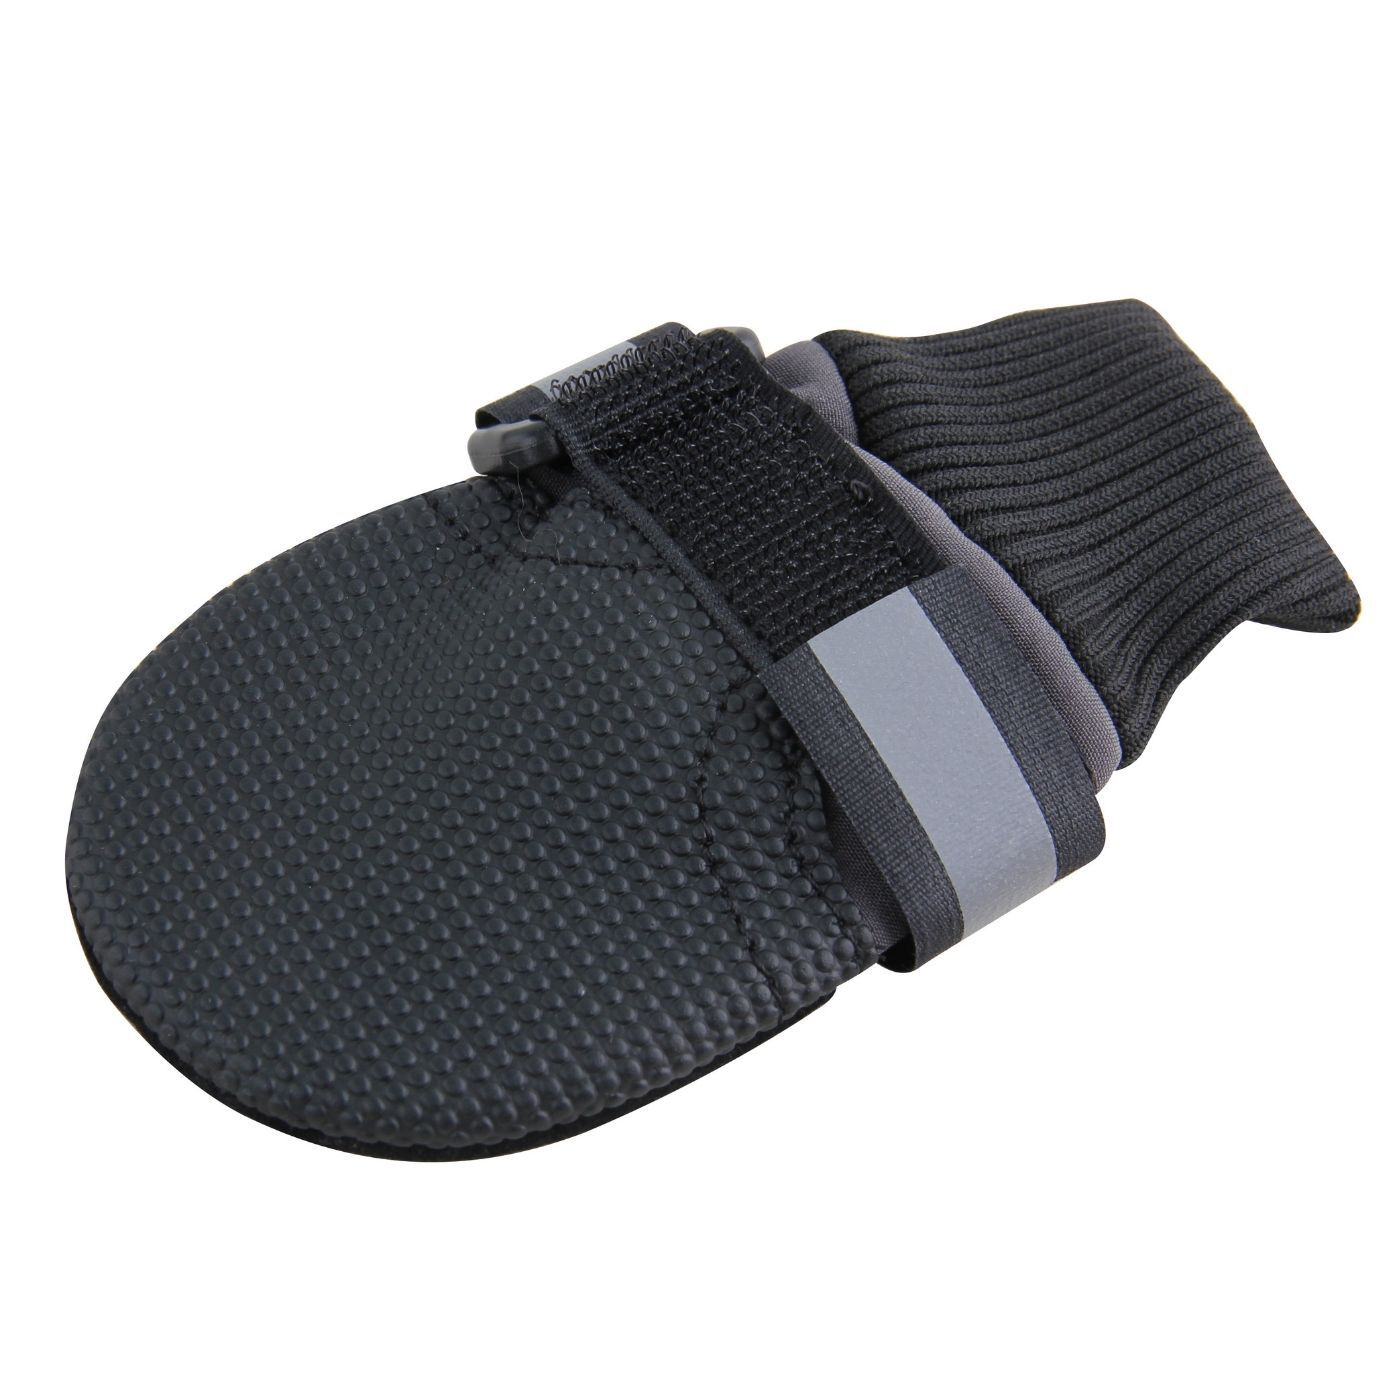 Sapato Ajustável para Cachorro XG Pawise Contém 1 par